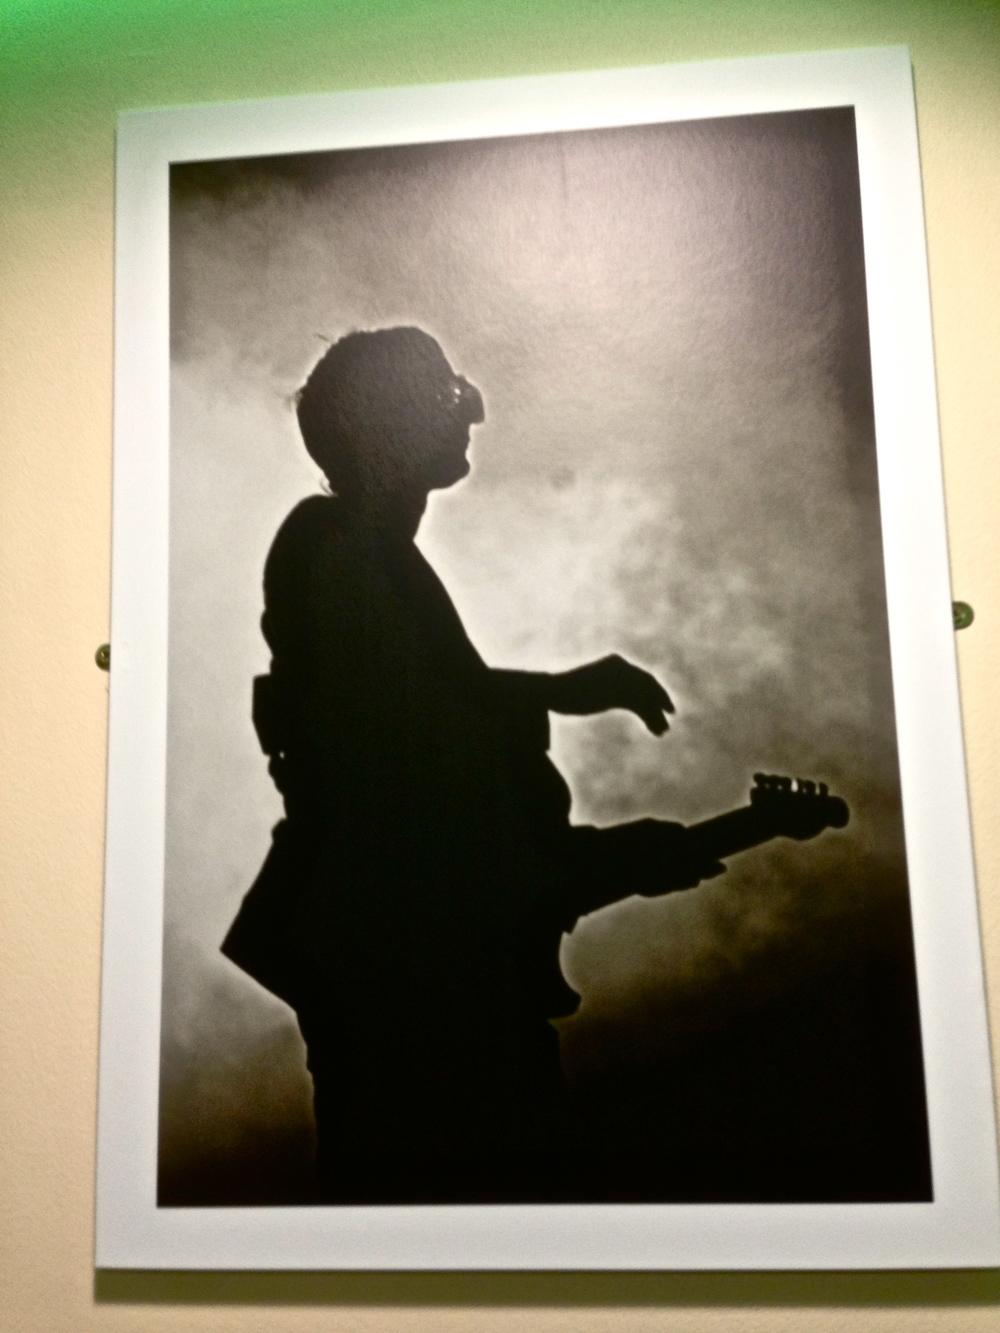 A random Matt Bellamy photograph hanging in a chipper:)